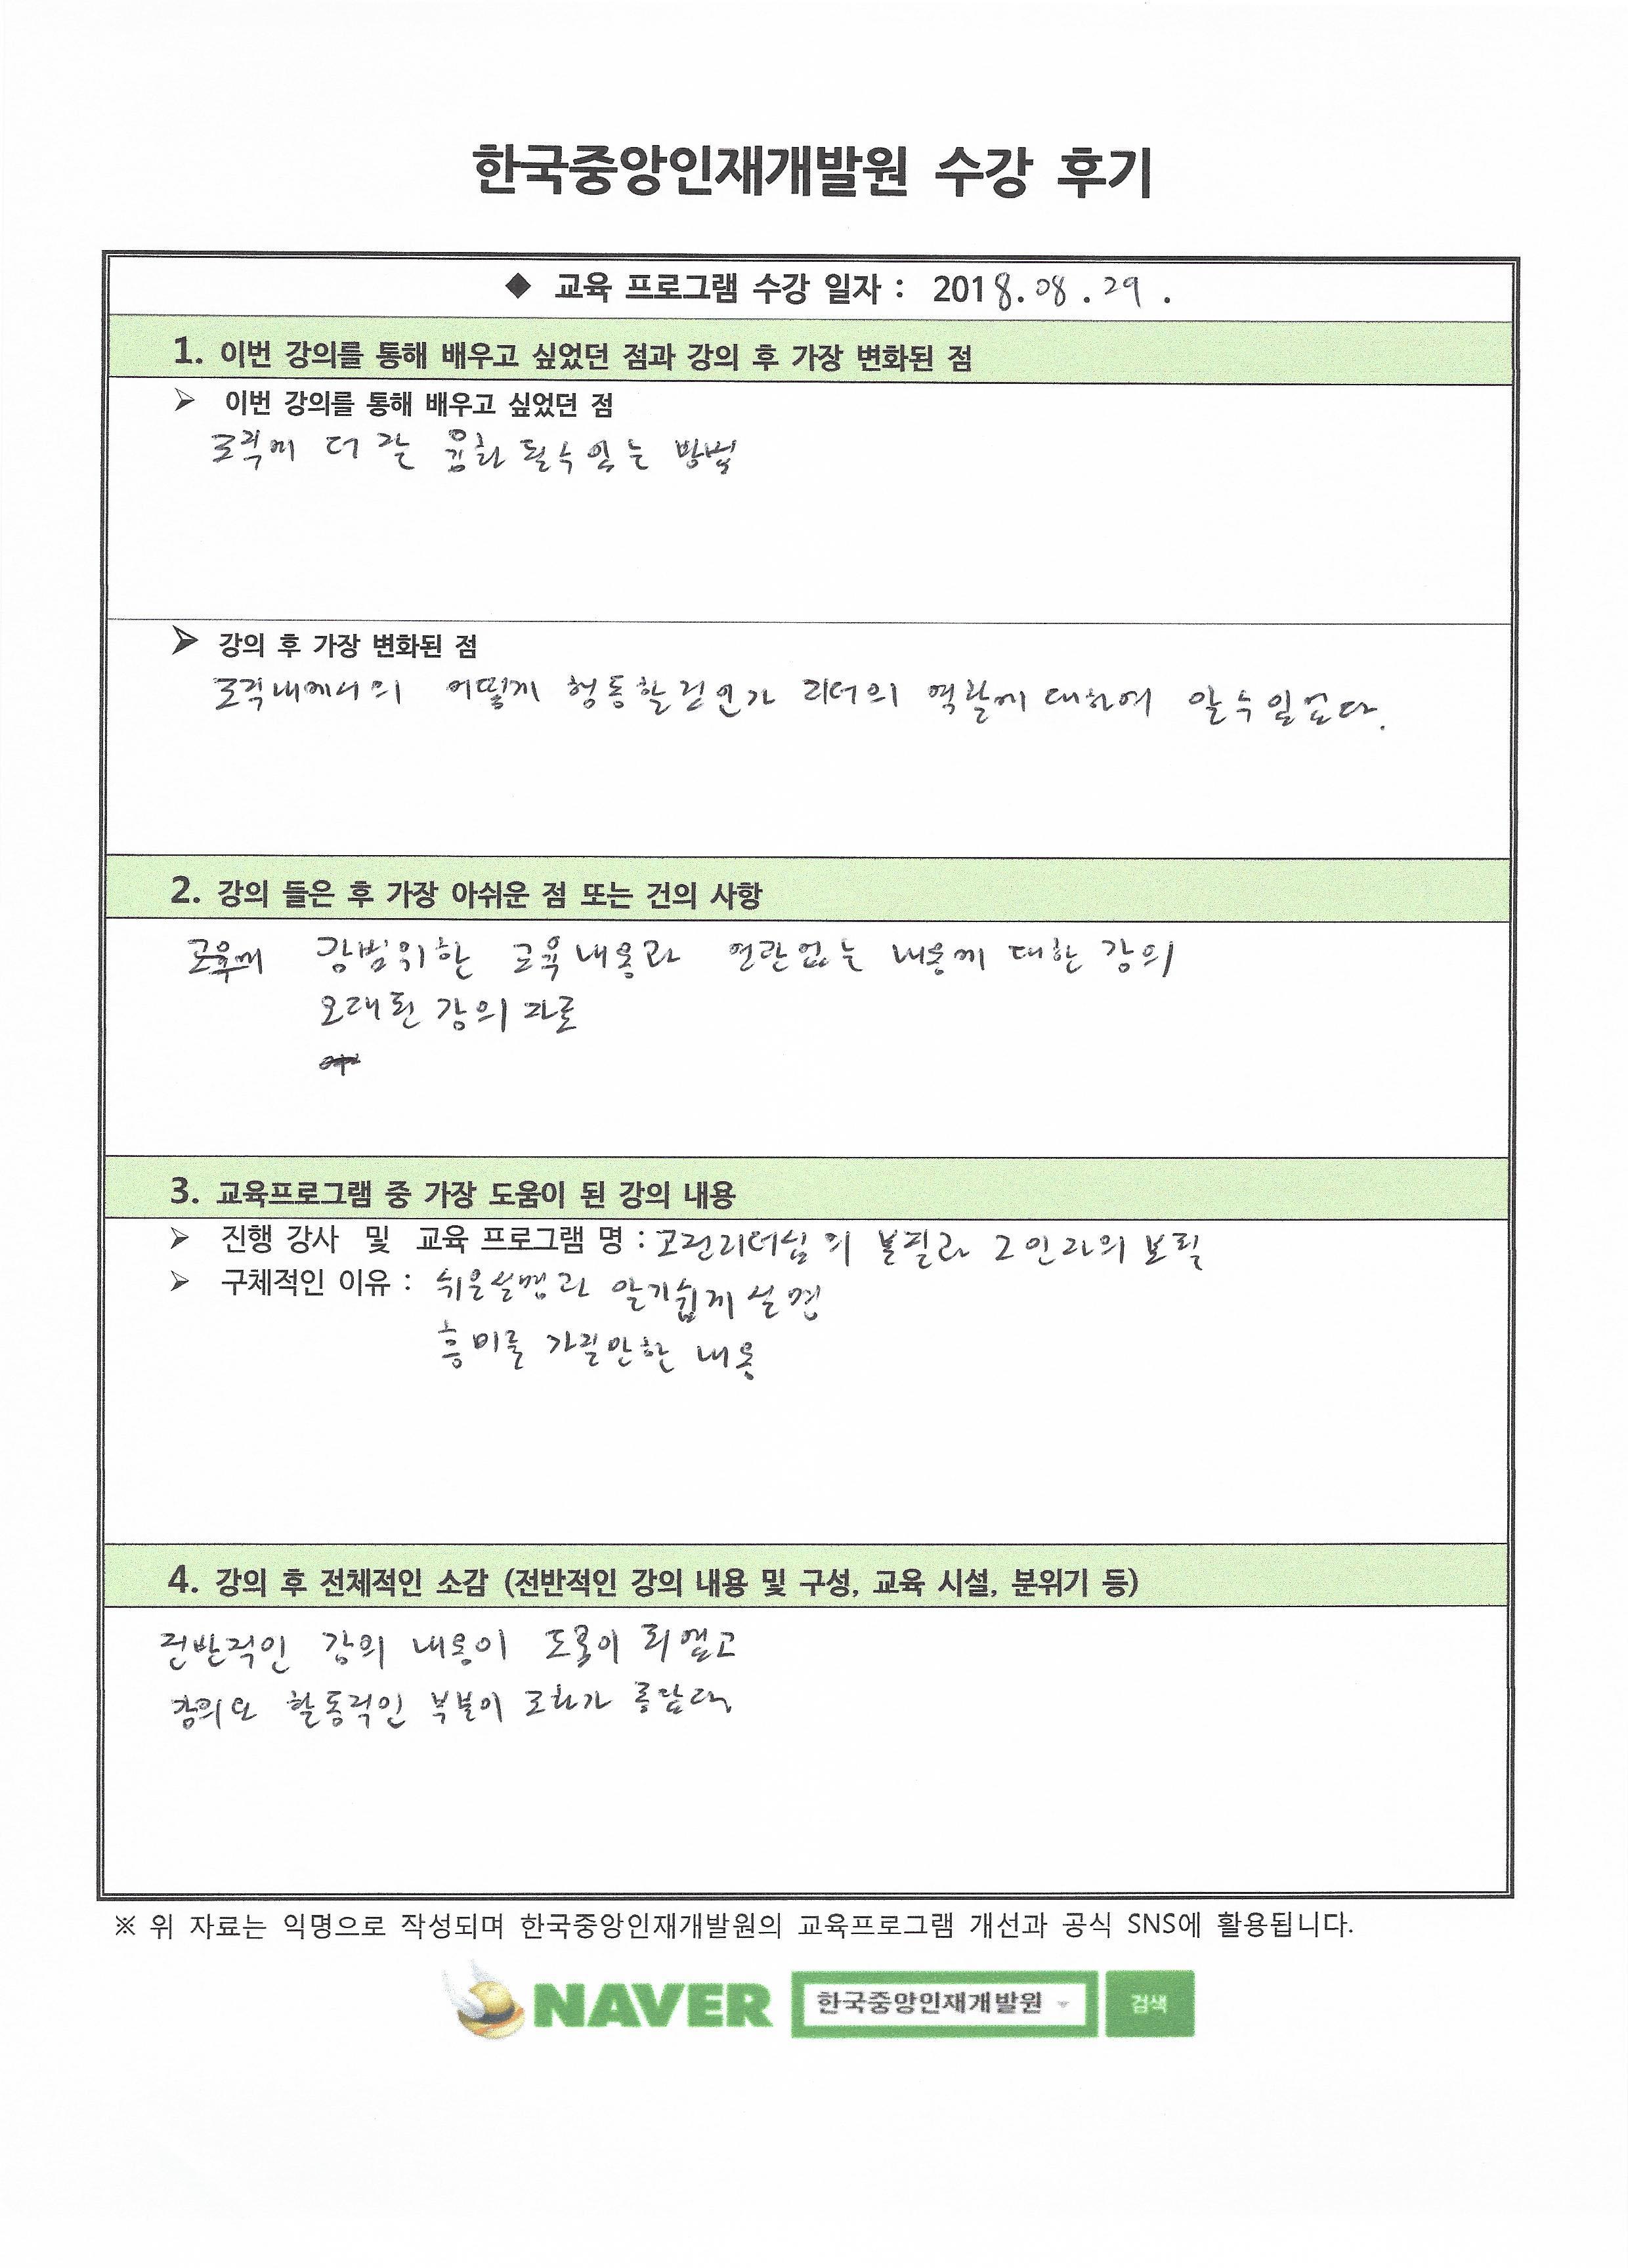 한국팜비오 후기-8.jpg